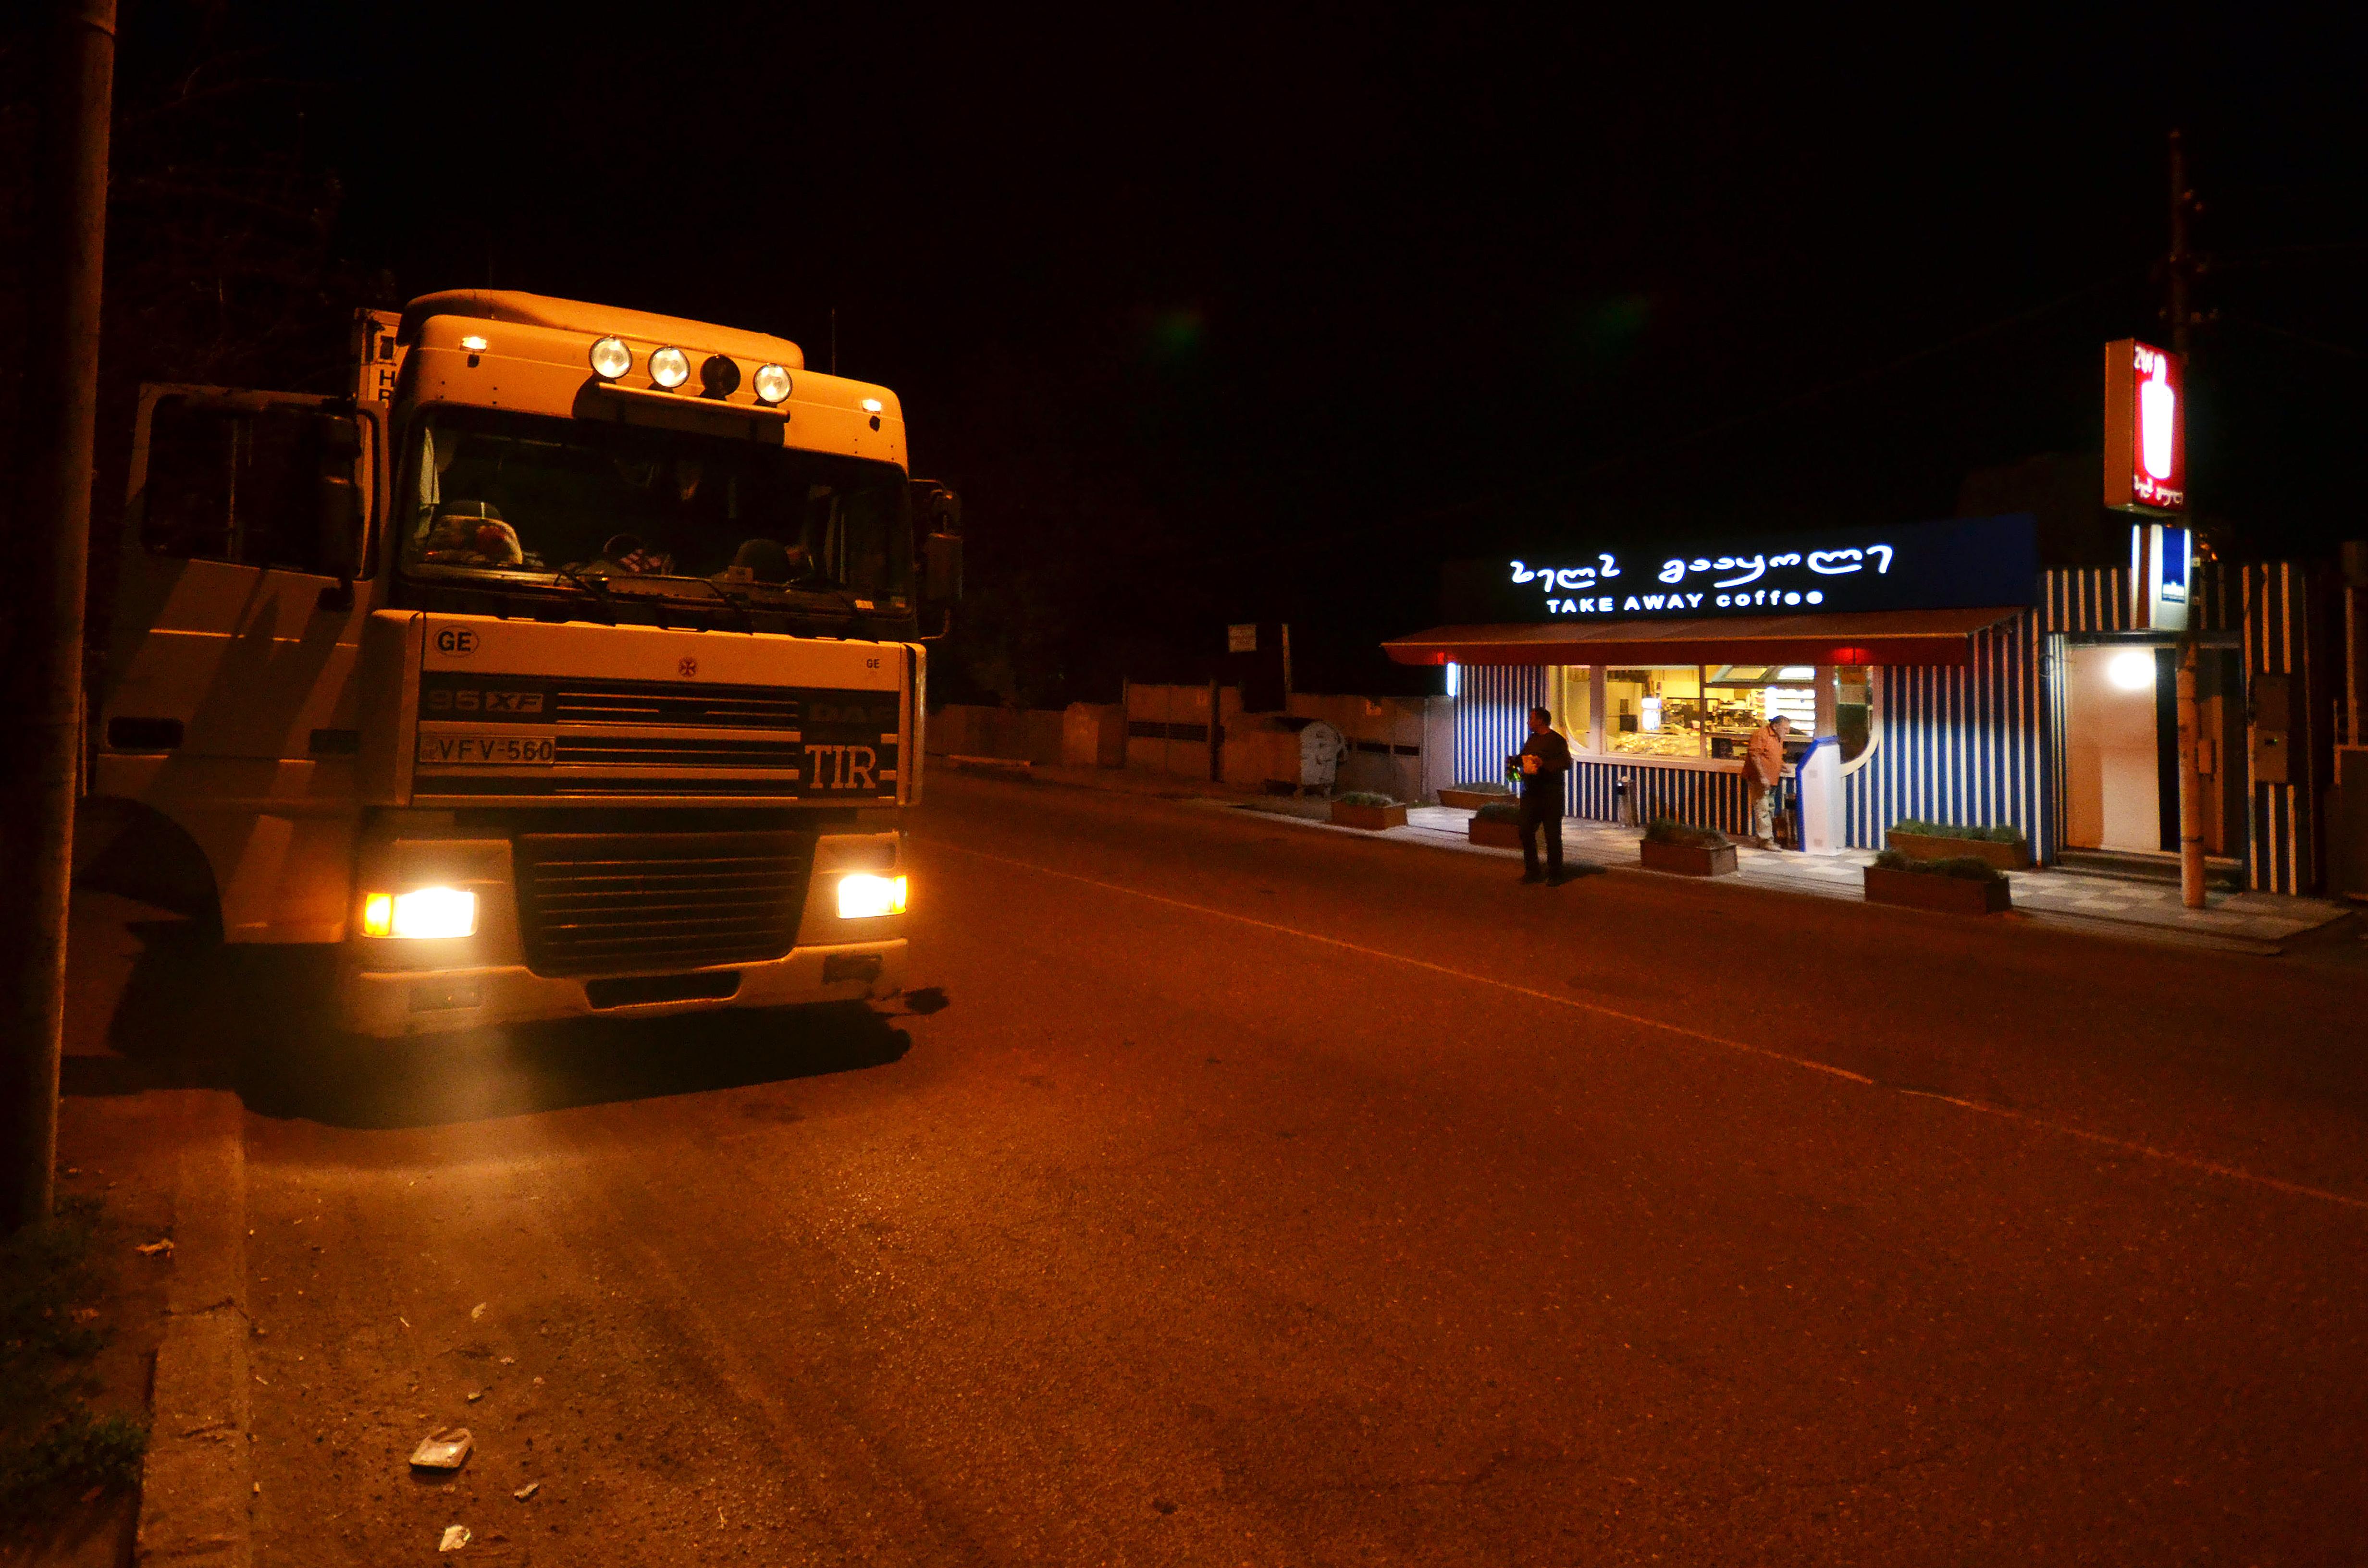 Poza 1 - Autostopul pe timp de noapte este greu chiar #U0219i prin Sudul Turciei.